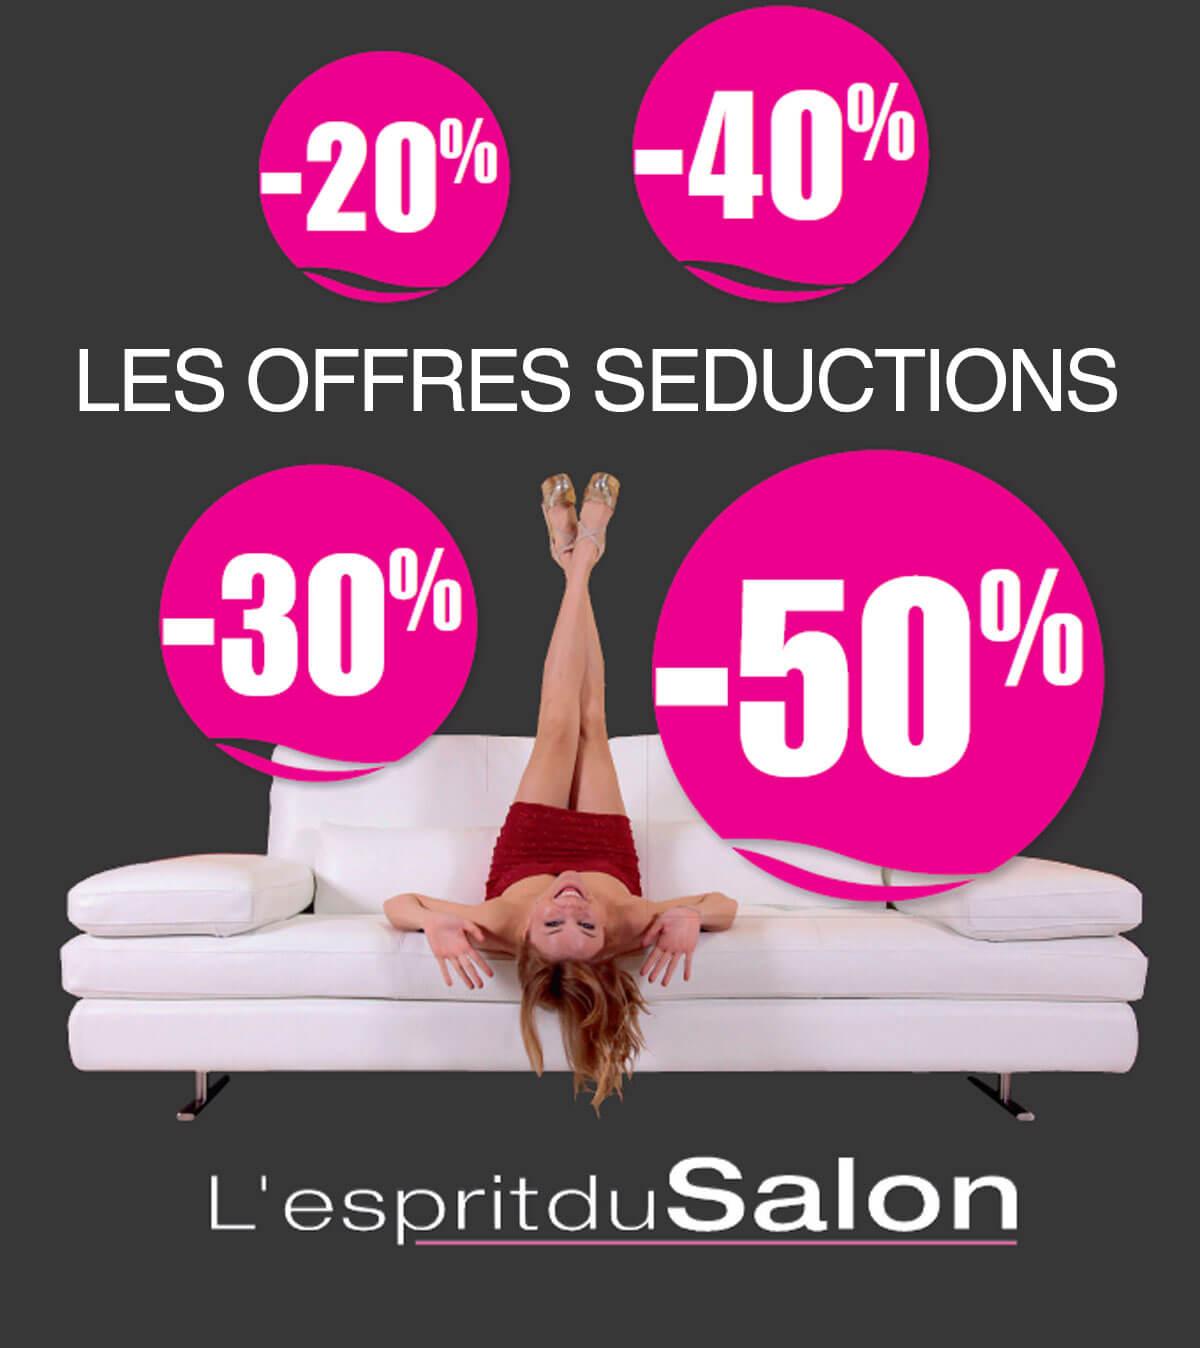 Promotion meuble offre séduction esprit du salon toulouse